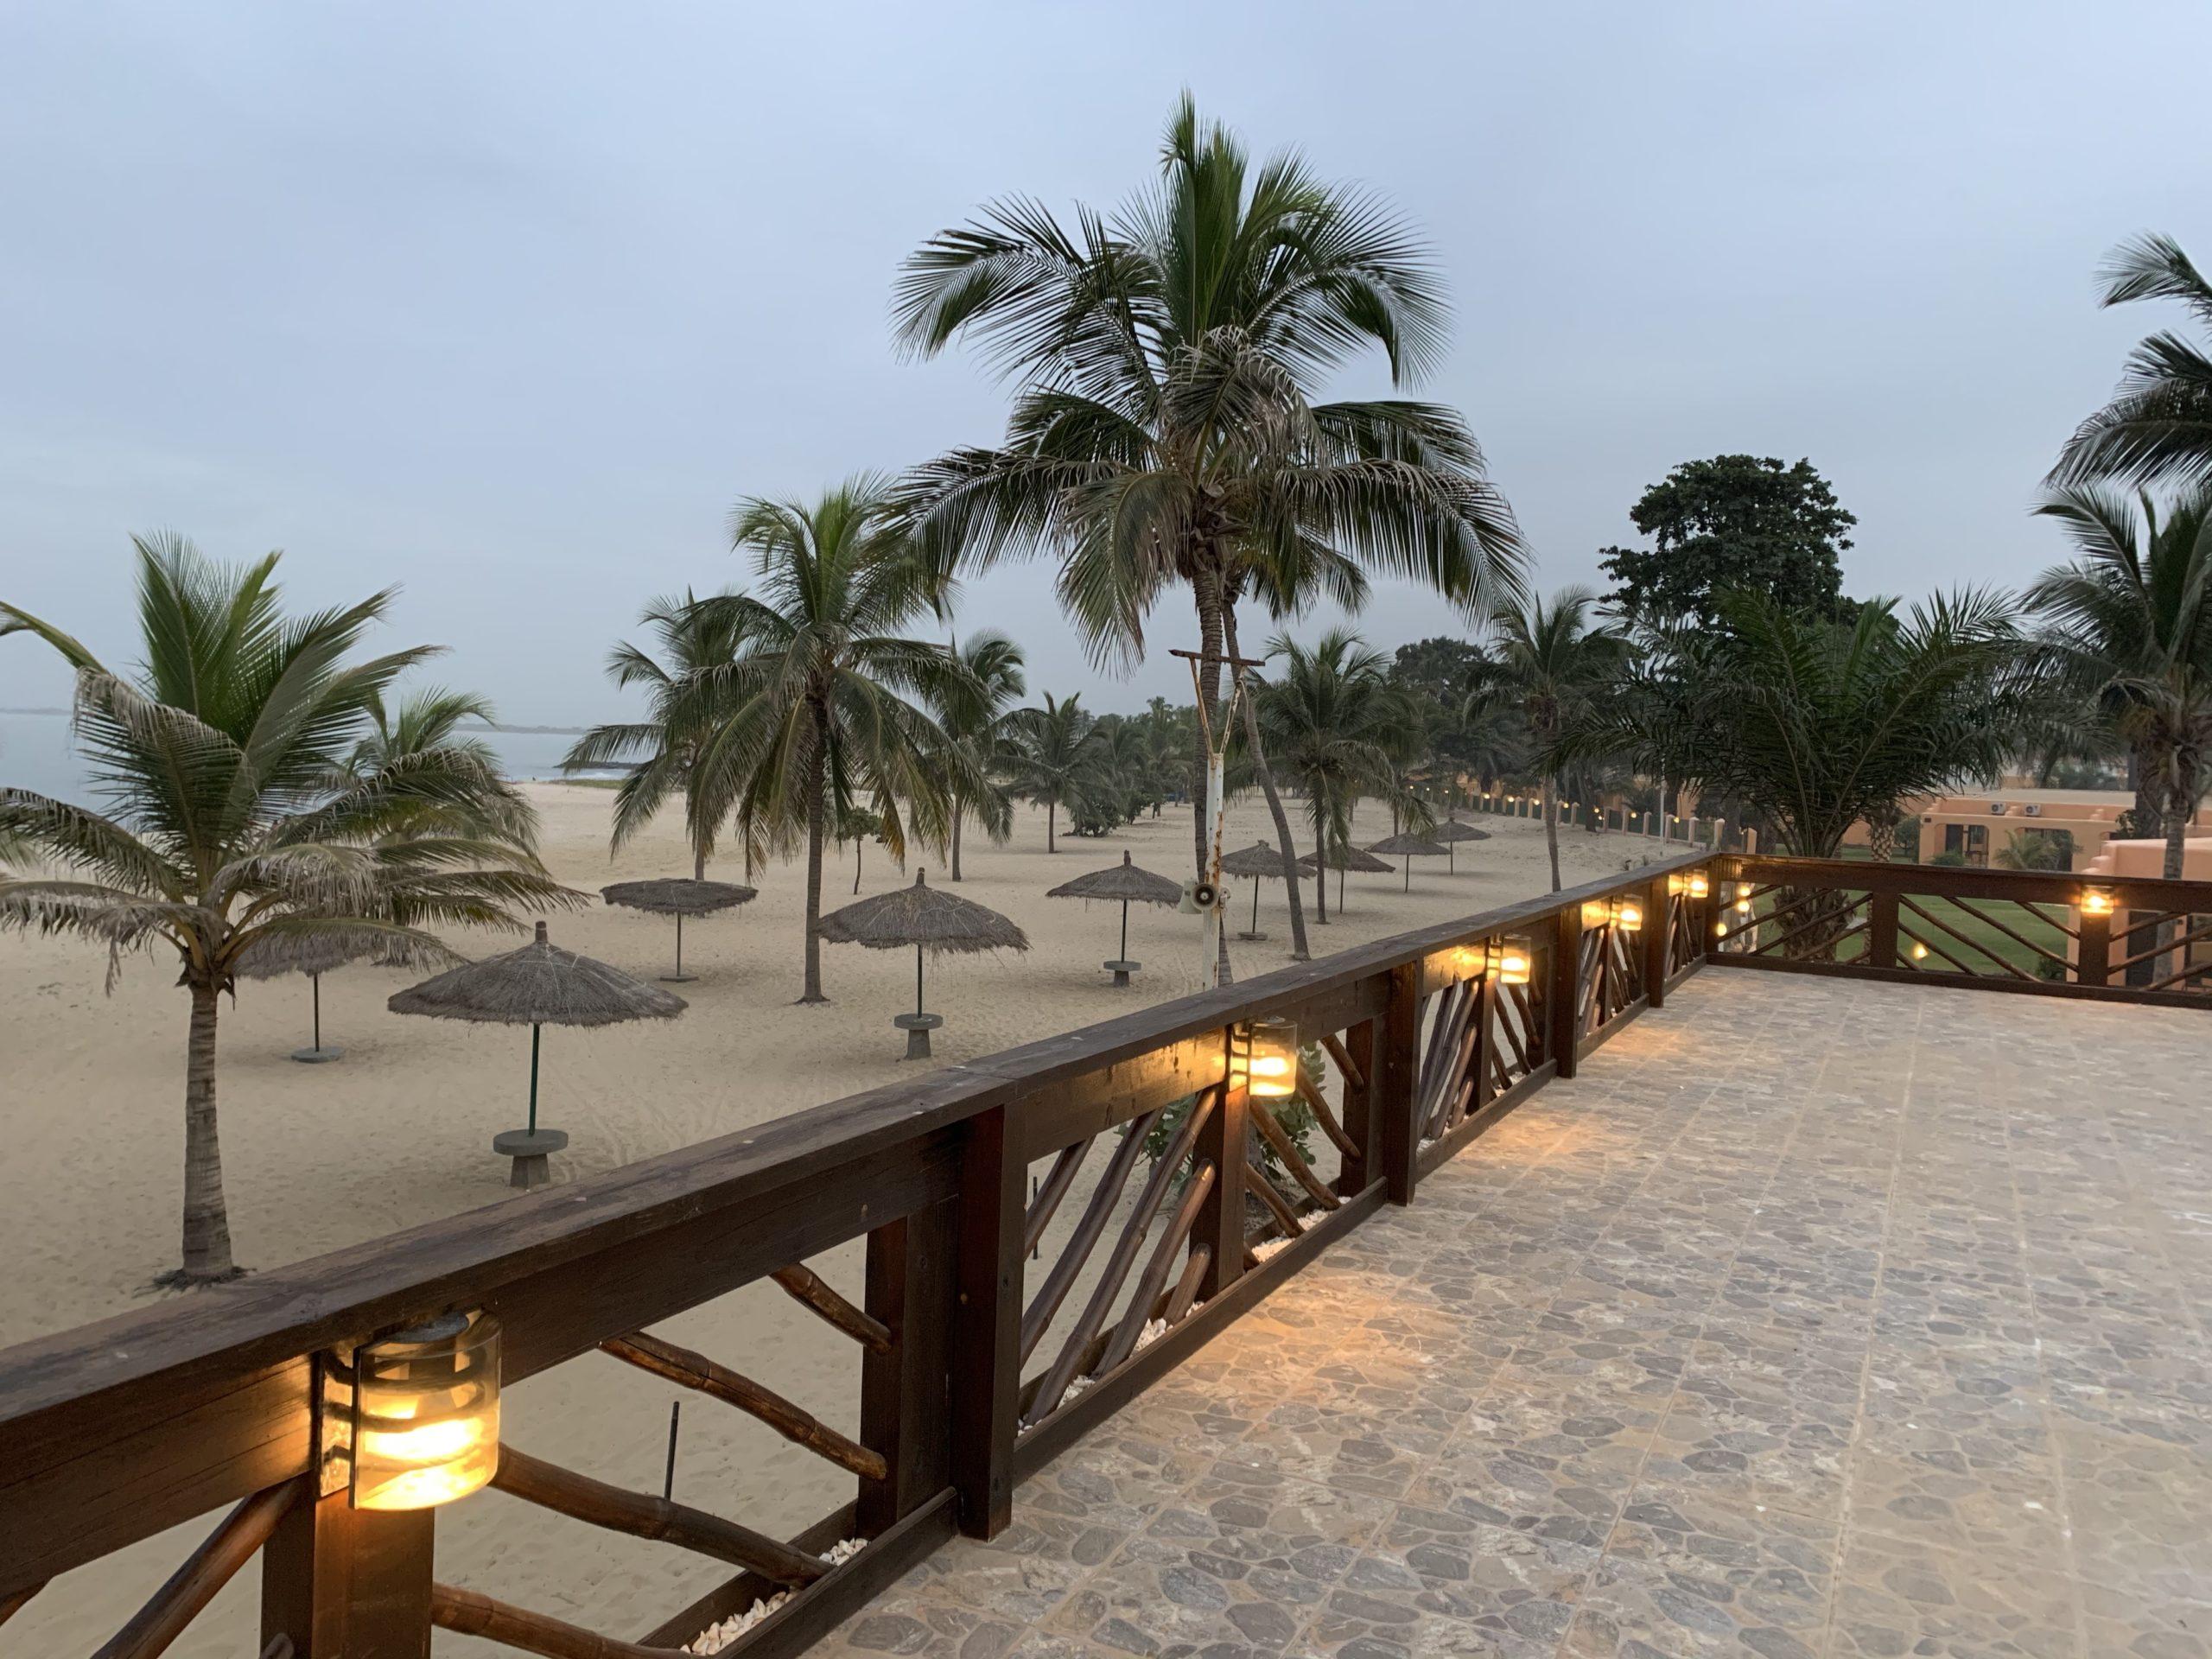 Gambia Reisebericht - Zu sehen: Strand und das Meer an der westafrikanischen Küste